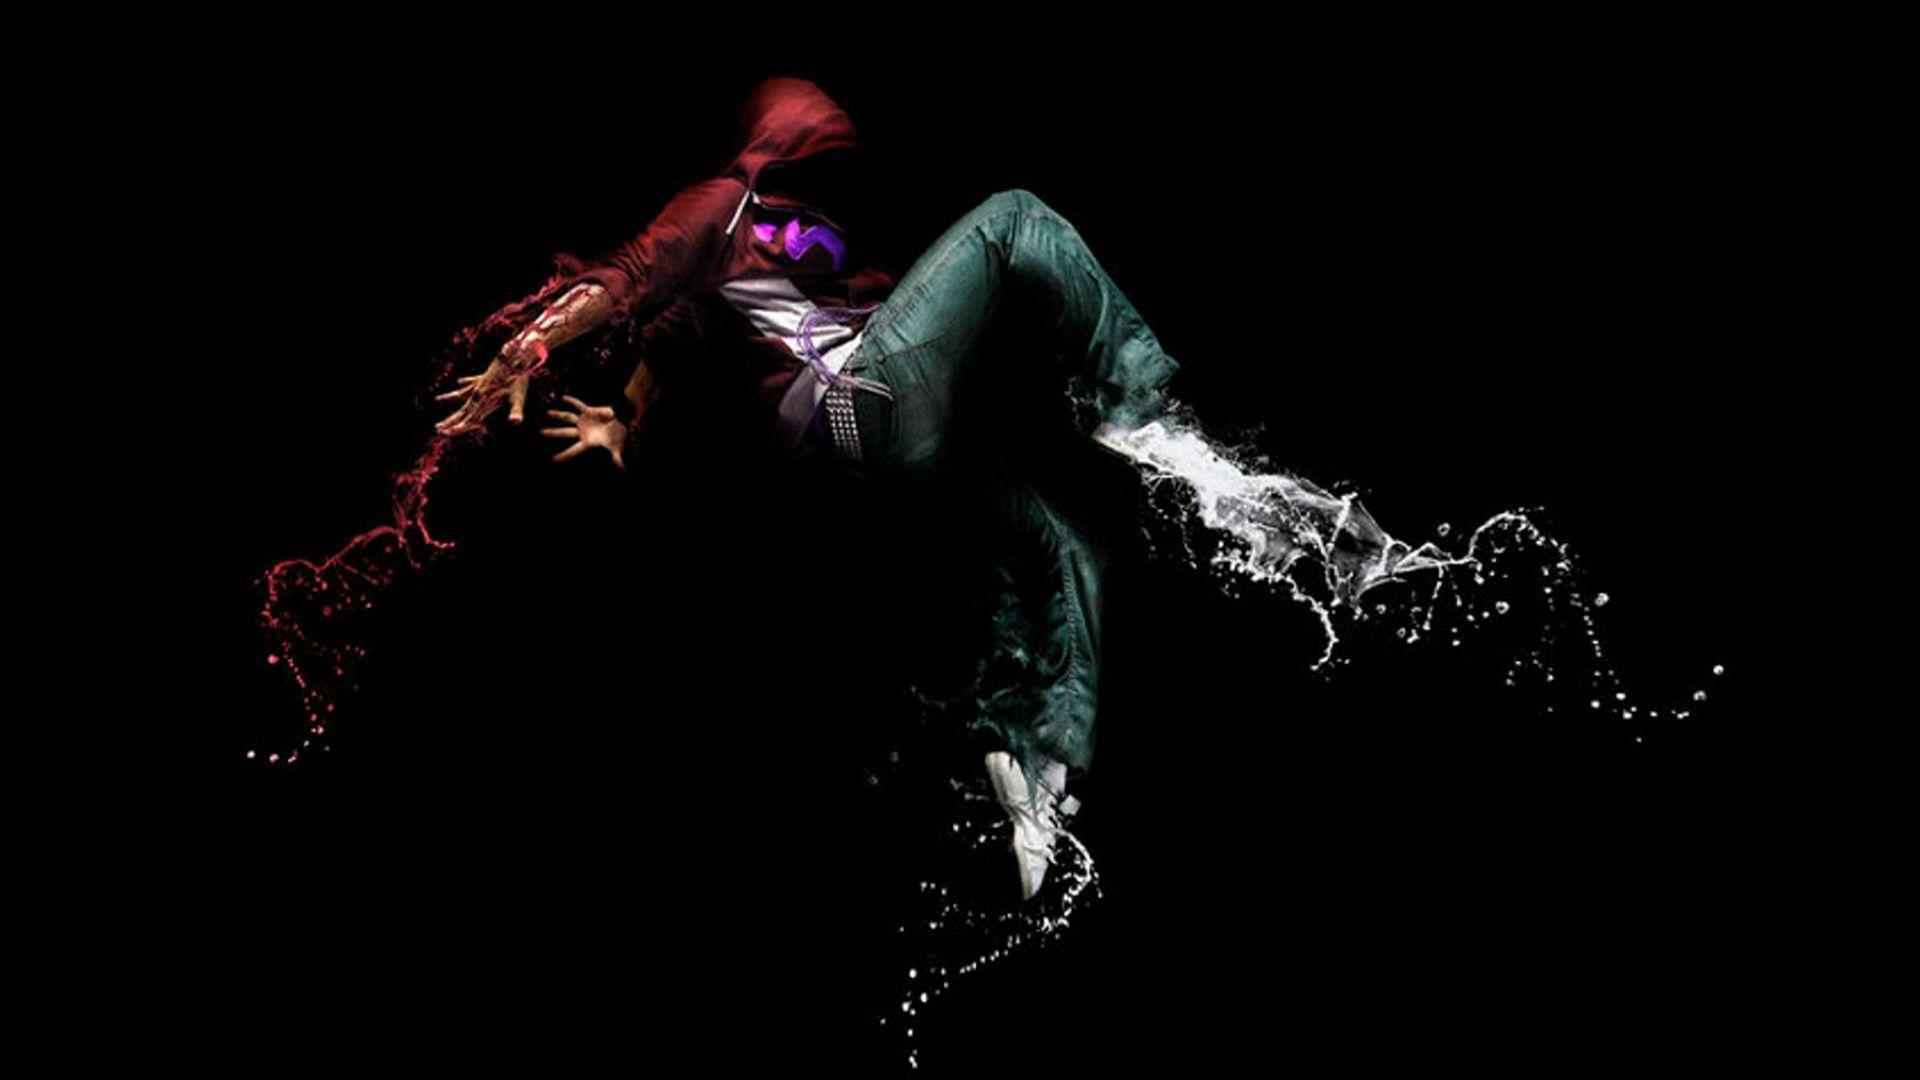 Hip Hop Dance Wallpapers - Wallpaper Cave